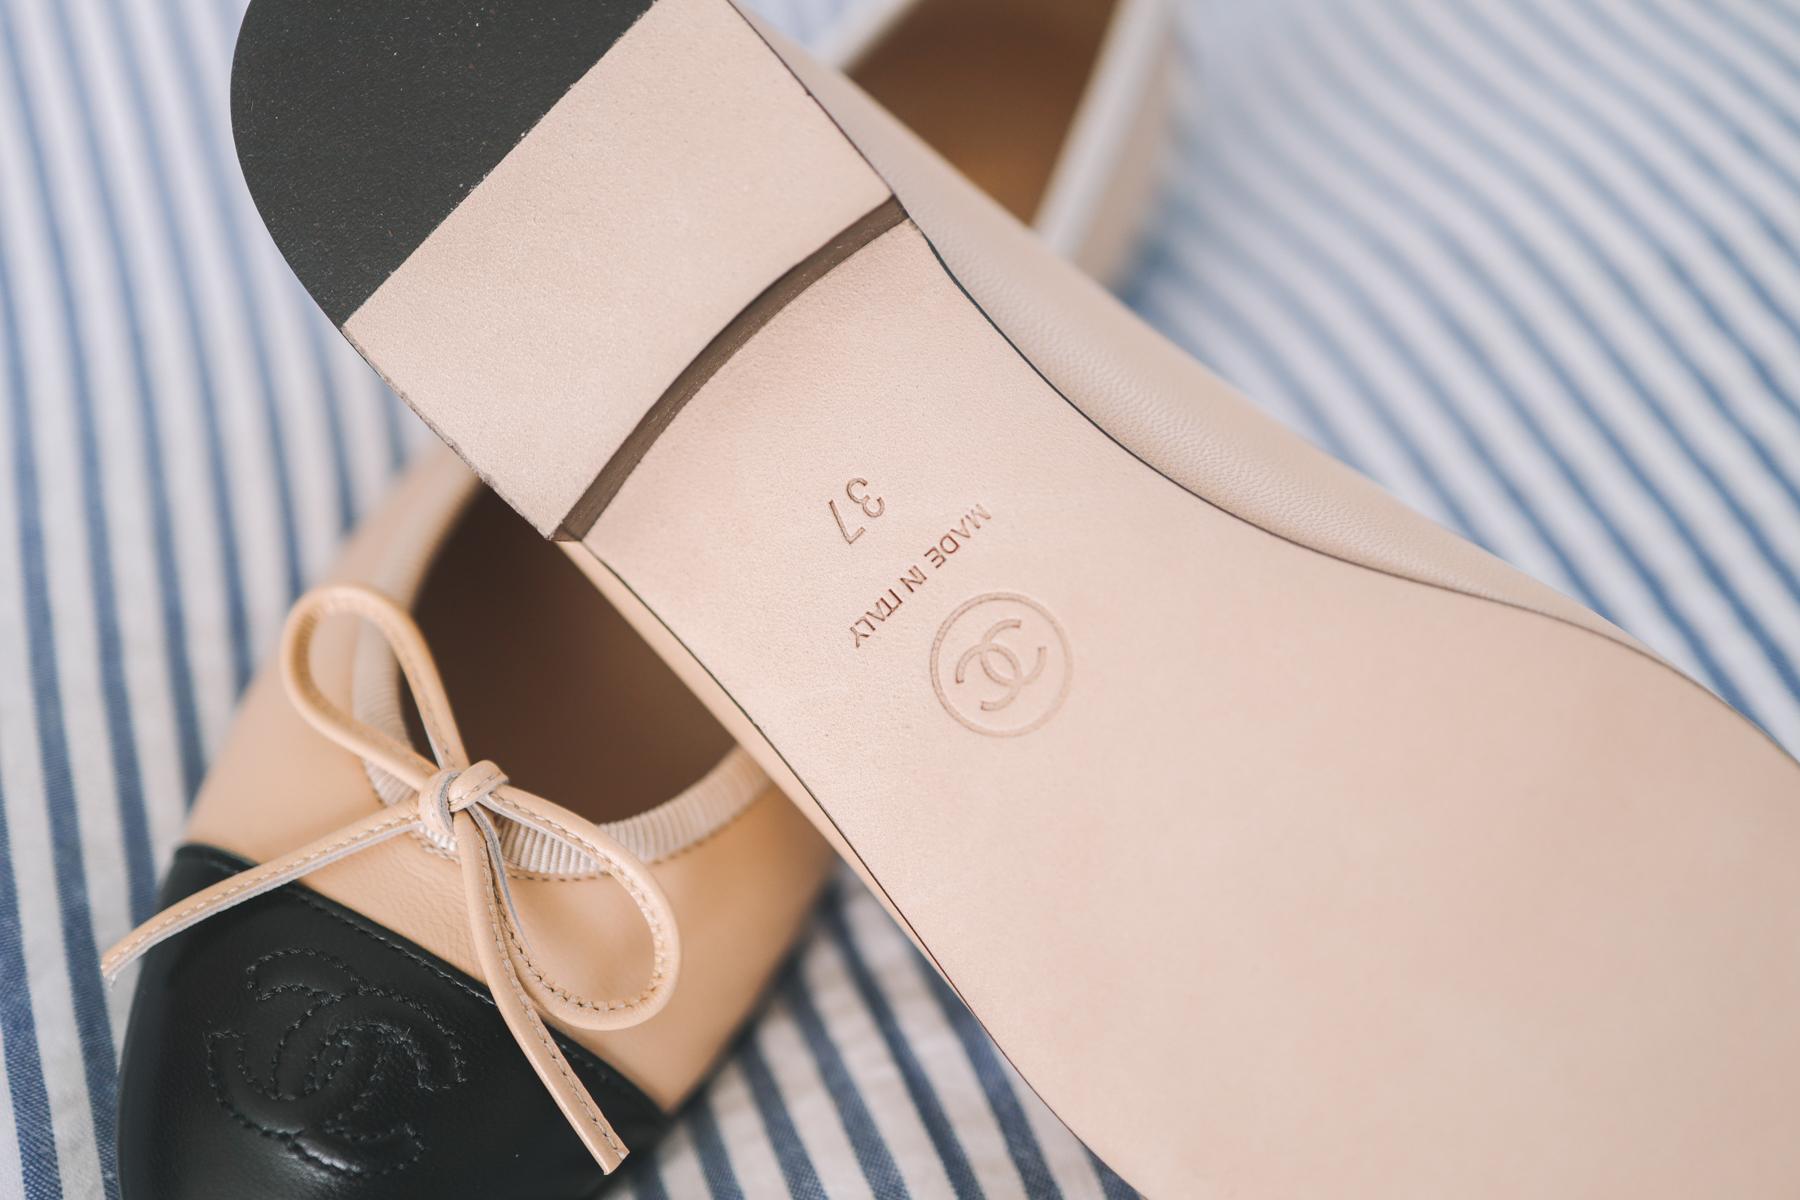 Chanel Cap Toe Ballerina Flats